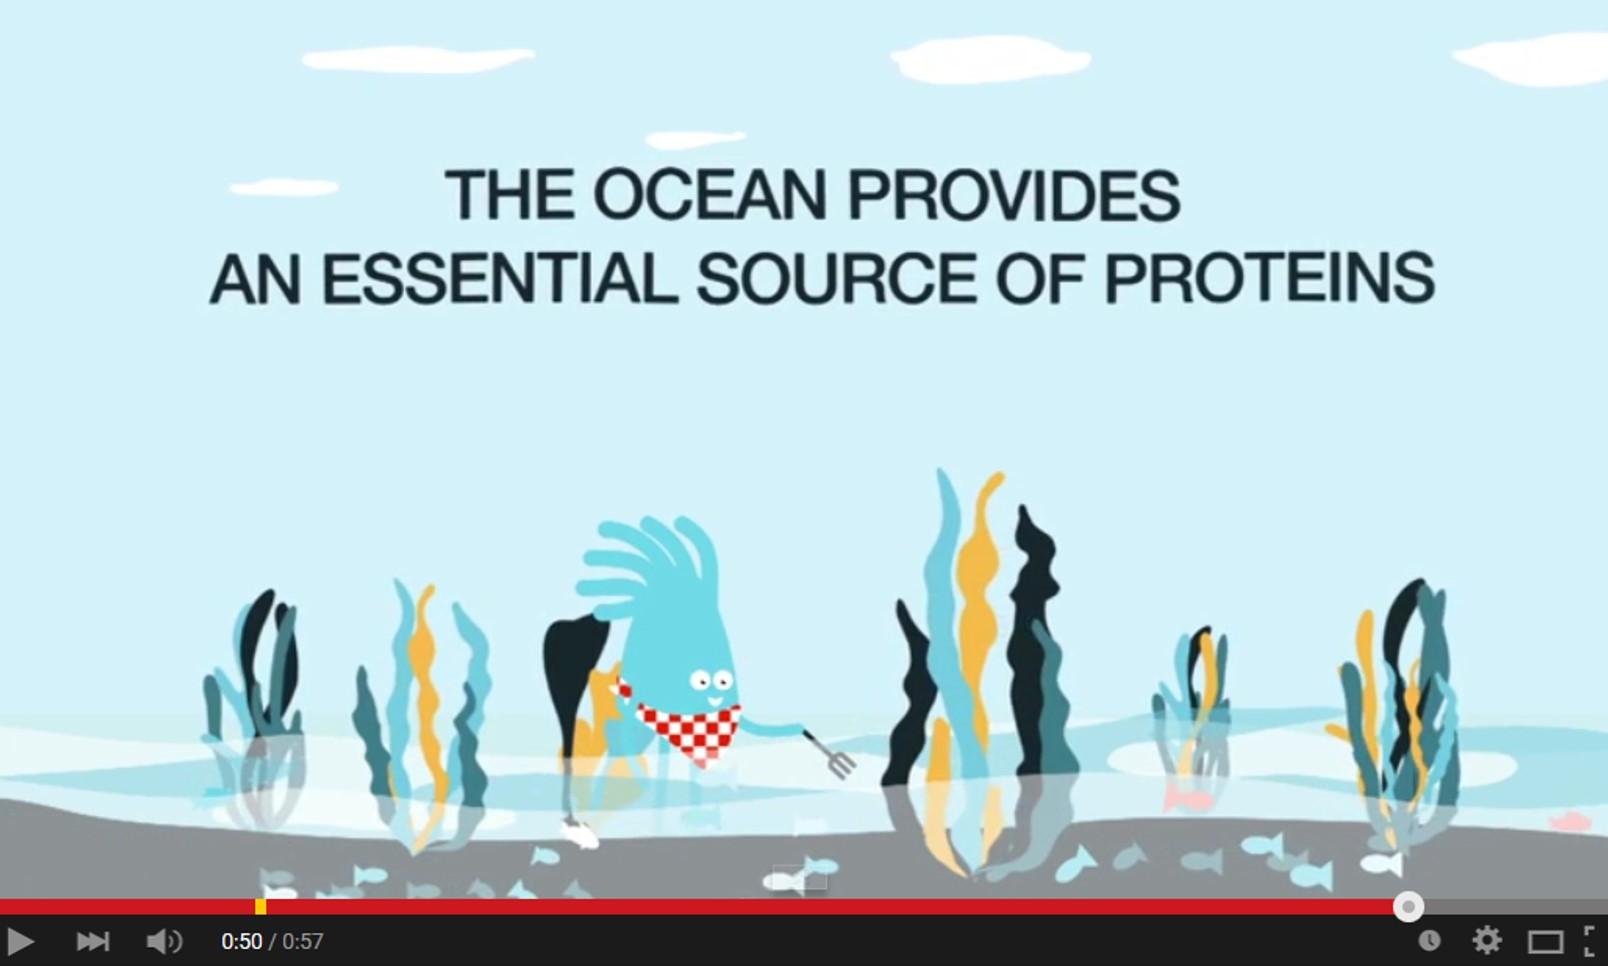 5 days until World Ocean Day